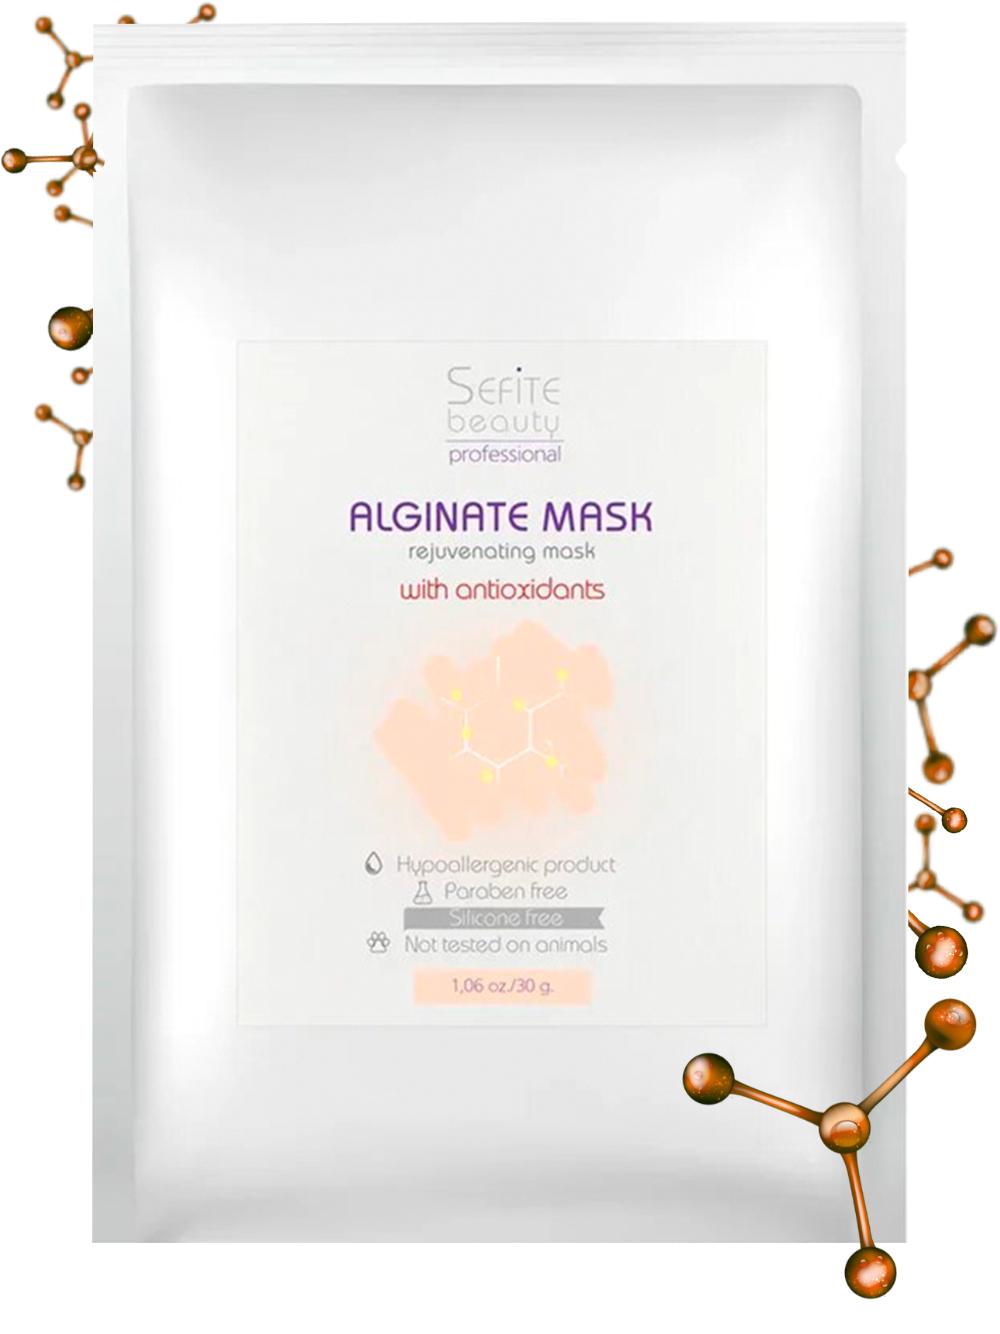 Омолаживающая альгинантная маска с антиоксидантами, 30гр.